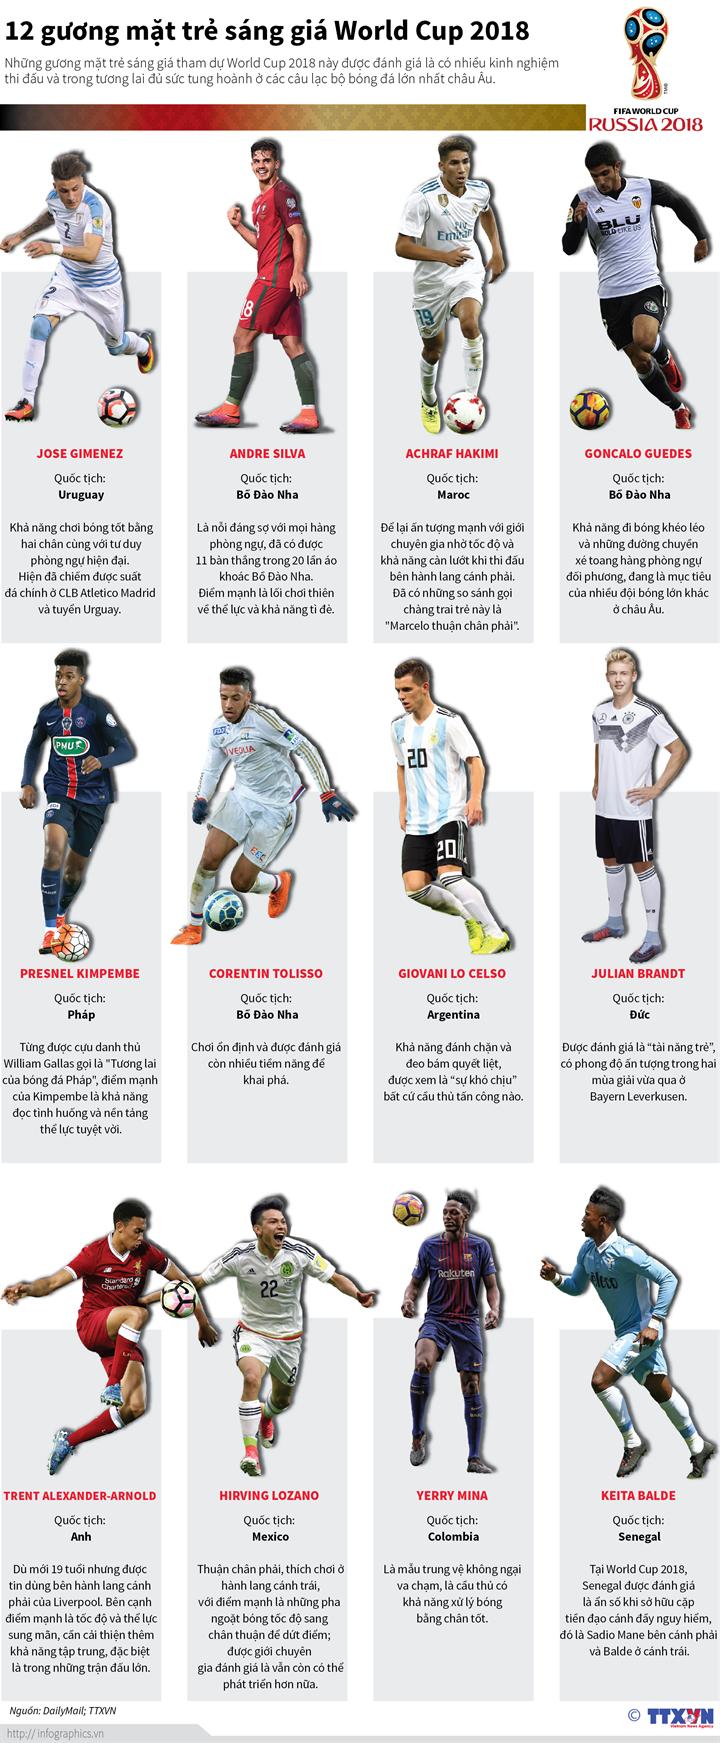 12 gương mặt sáng giá World Cup 2018